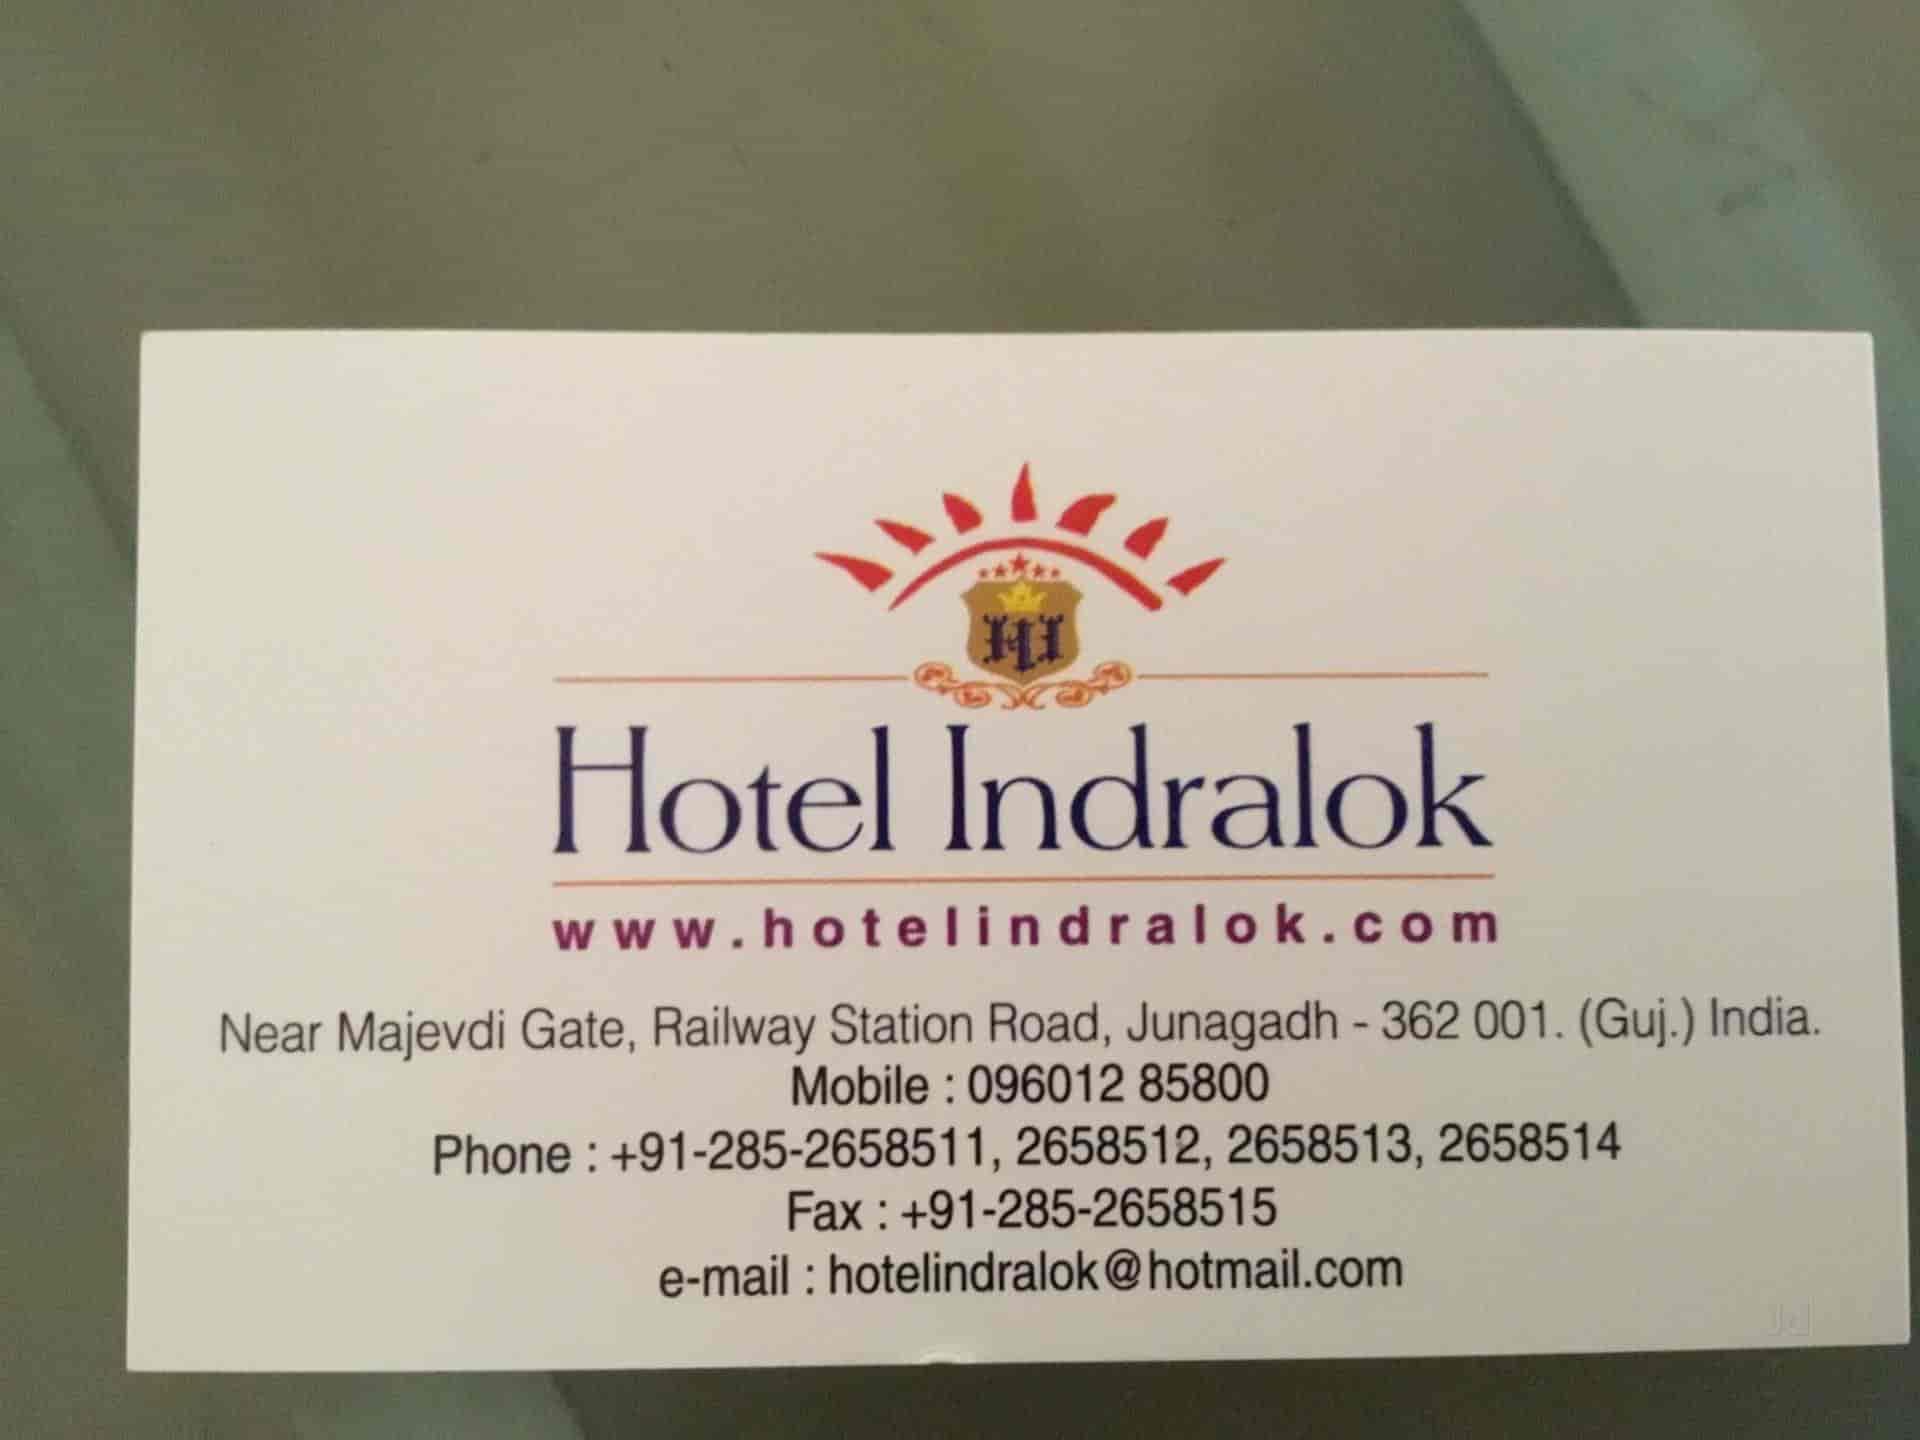 hotel indralok hotels in junagadh justdial rh justdial com